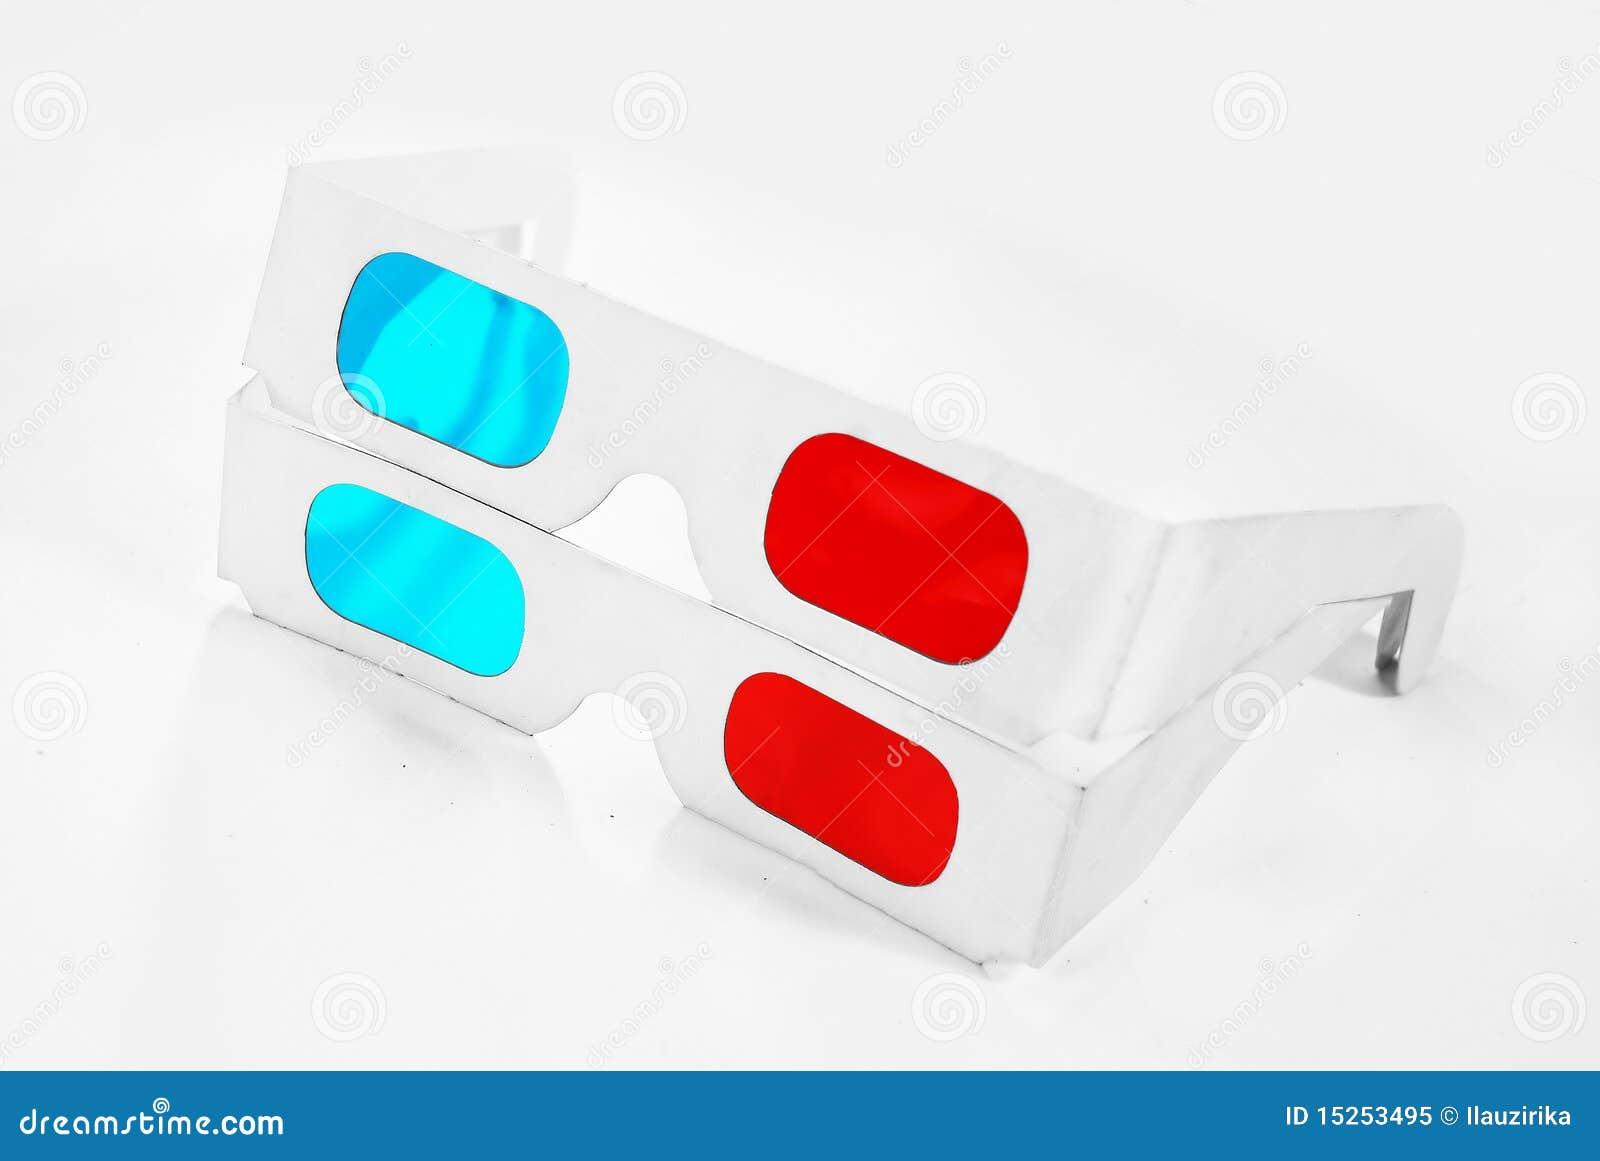 2 3d glasses